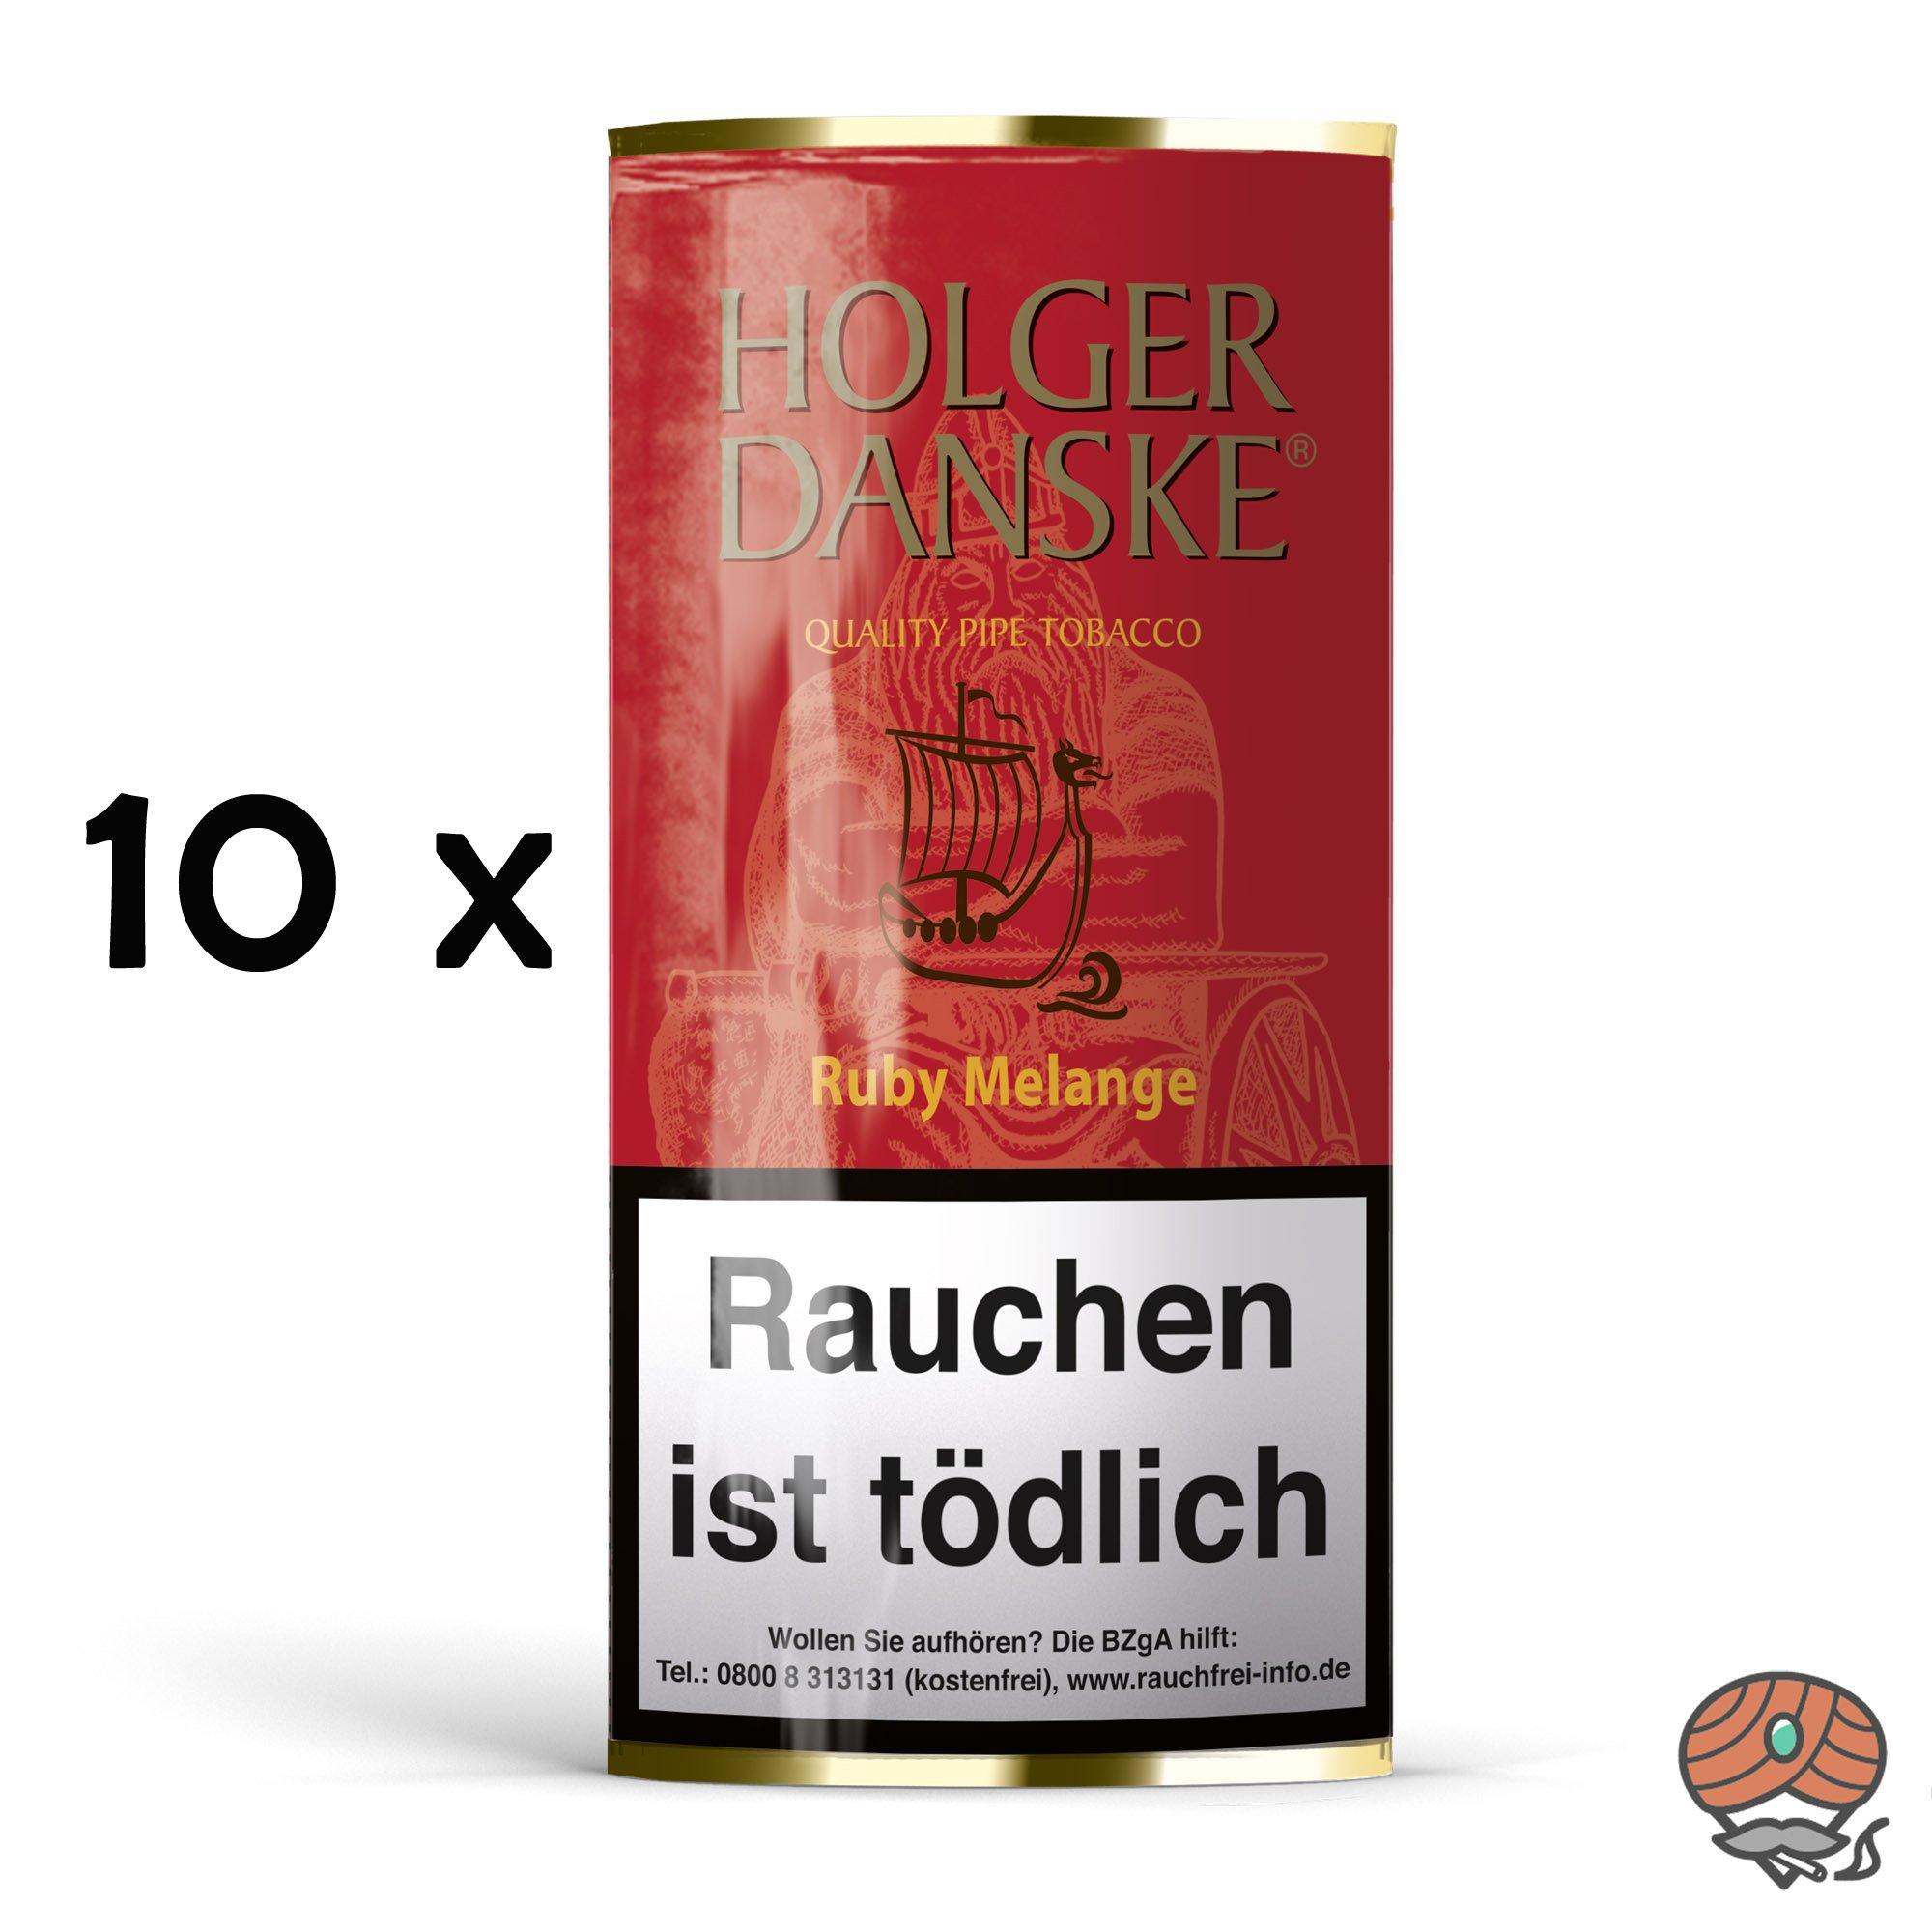 10 x Holger Danske Ruby Melange Pfeifentabak à 40g Beutel